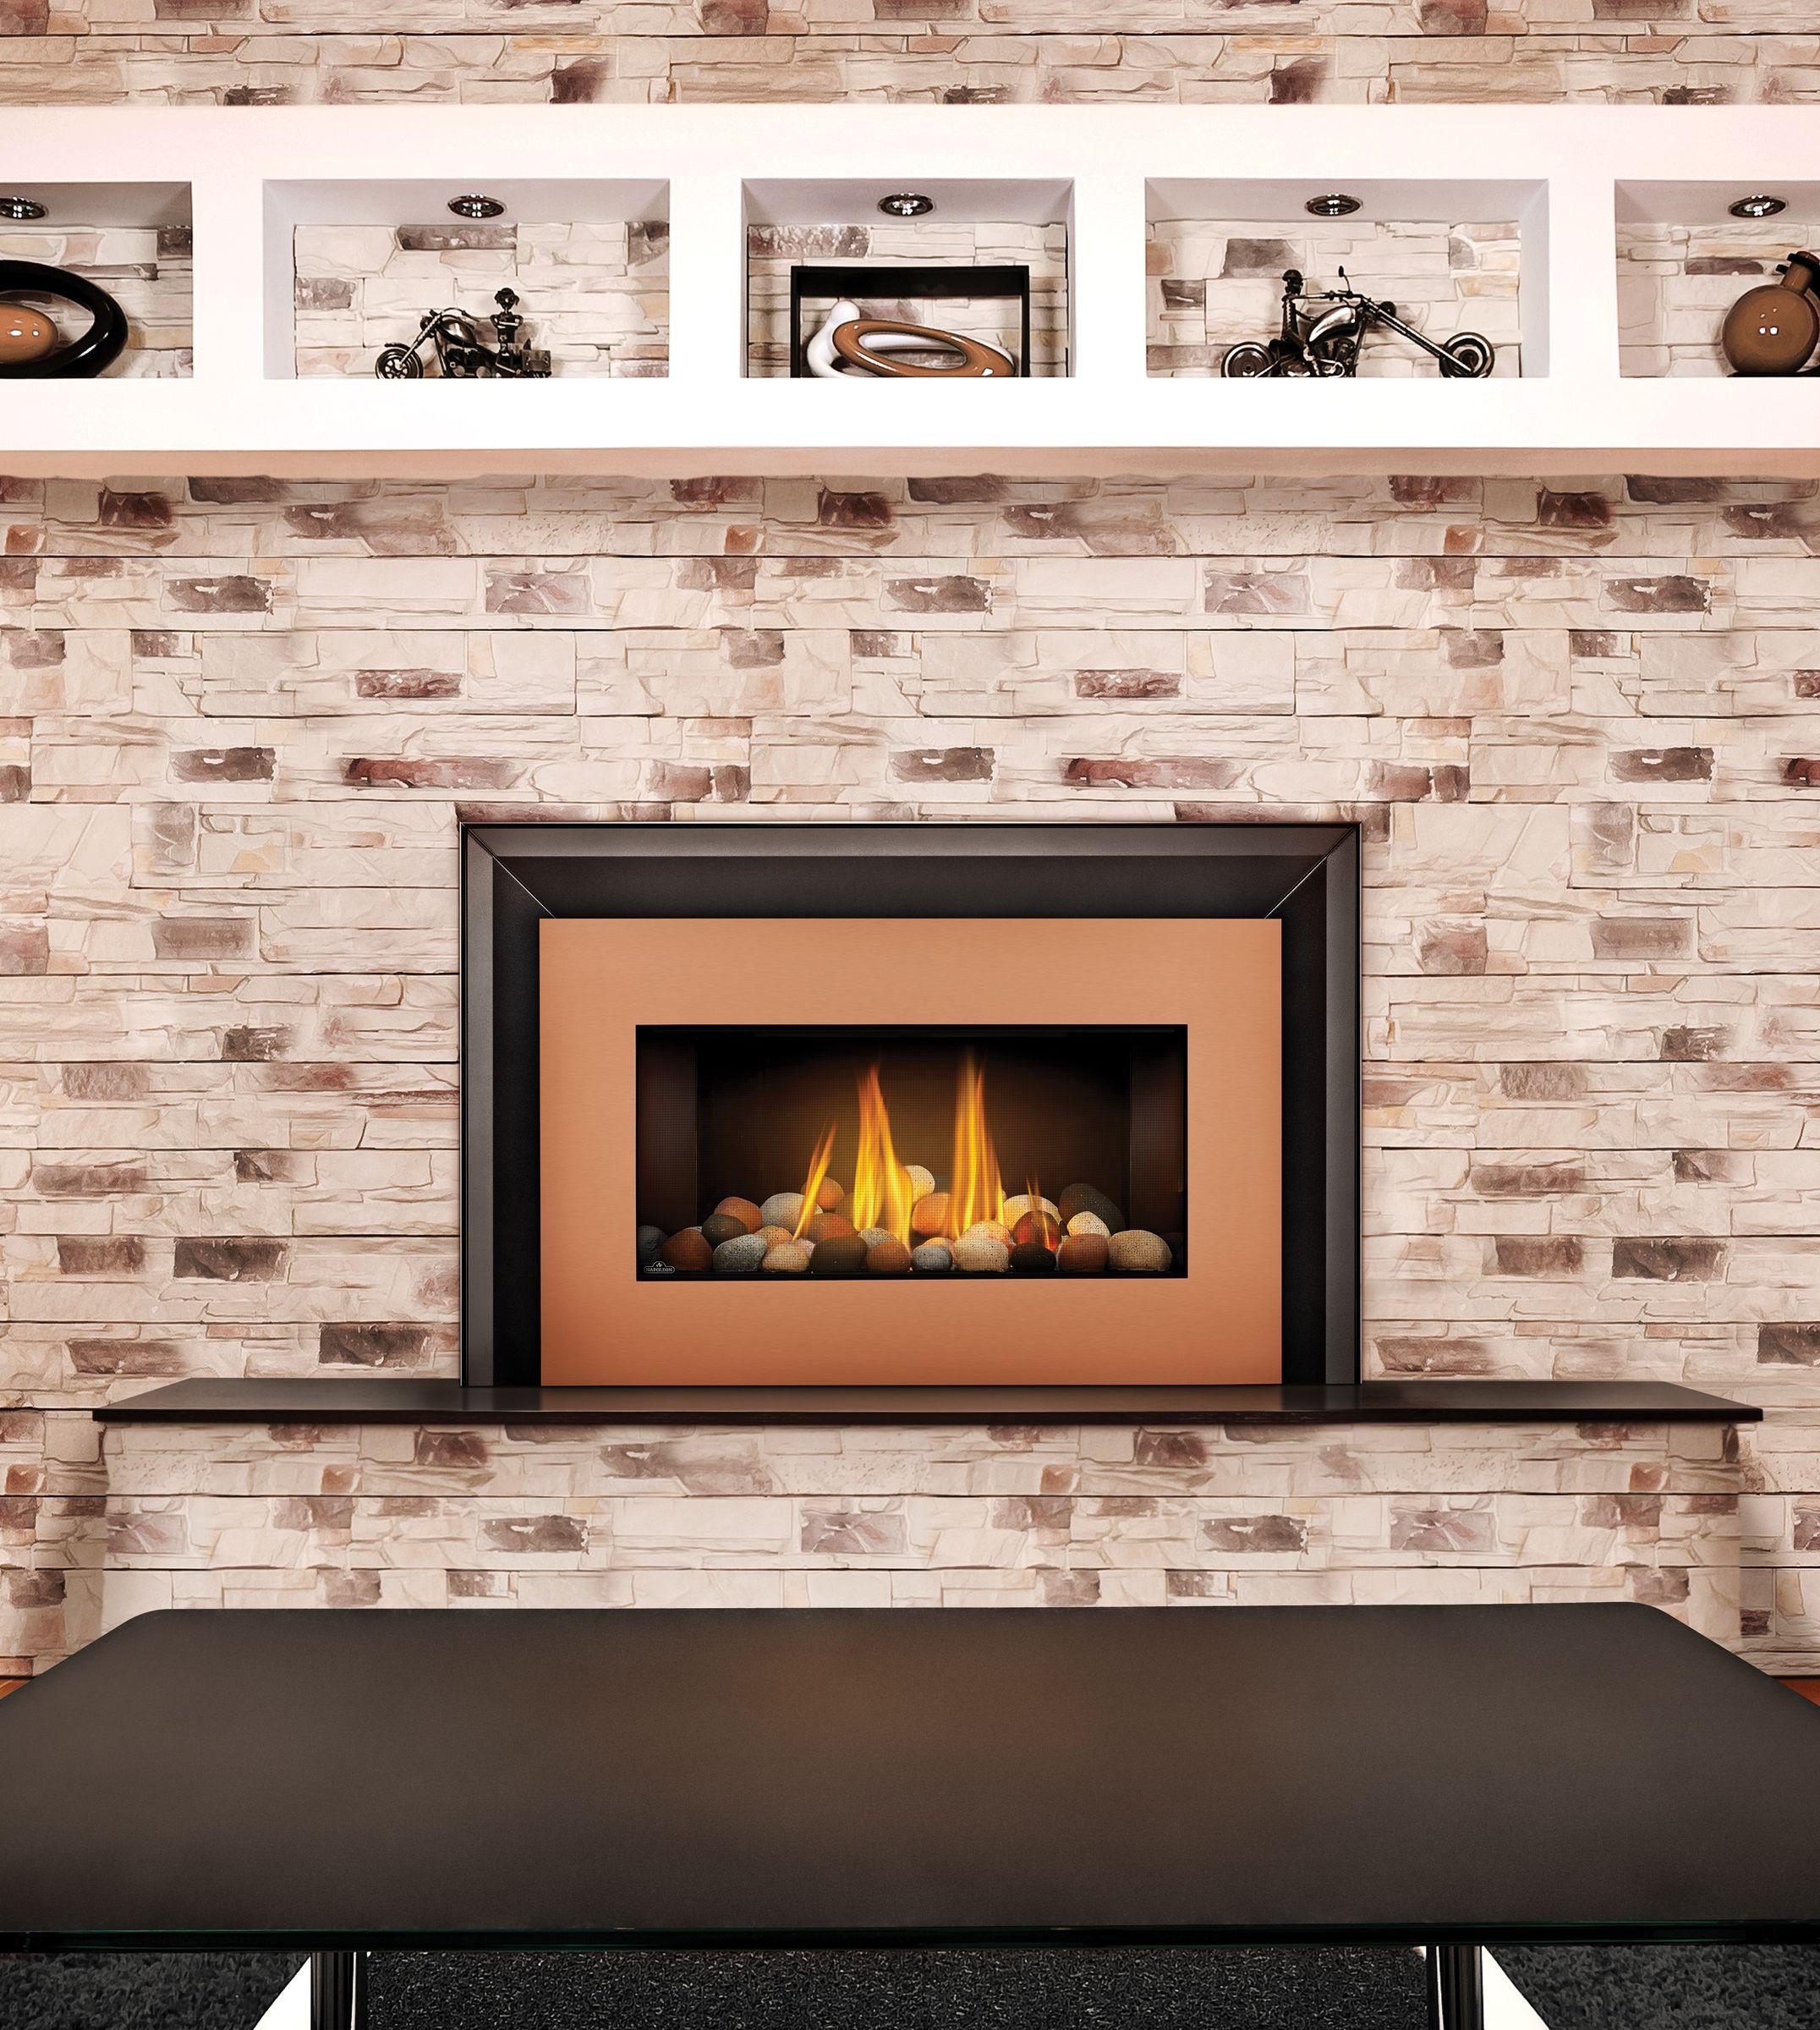 the napoleon roxbury 30 gas fireplace insert easily transforms